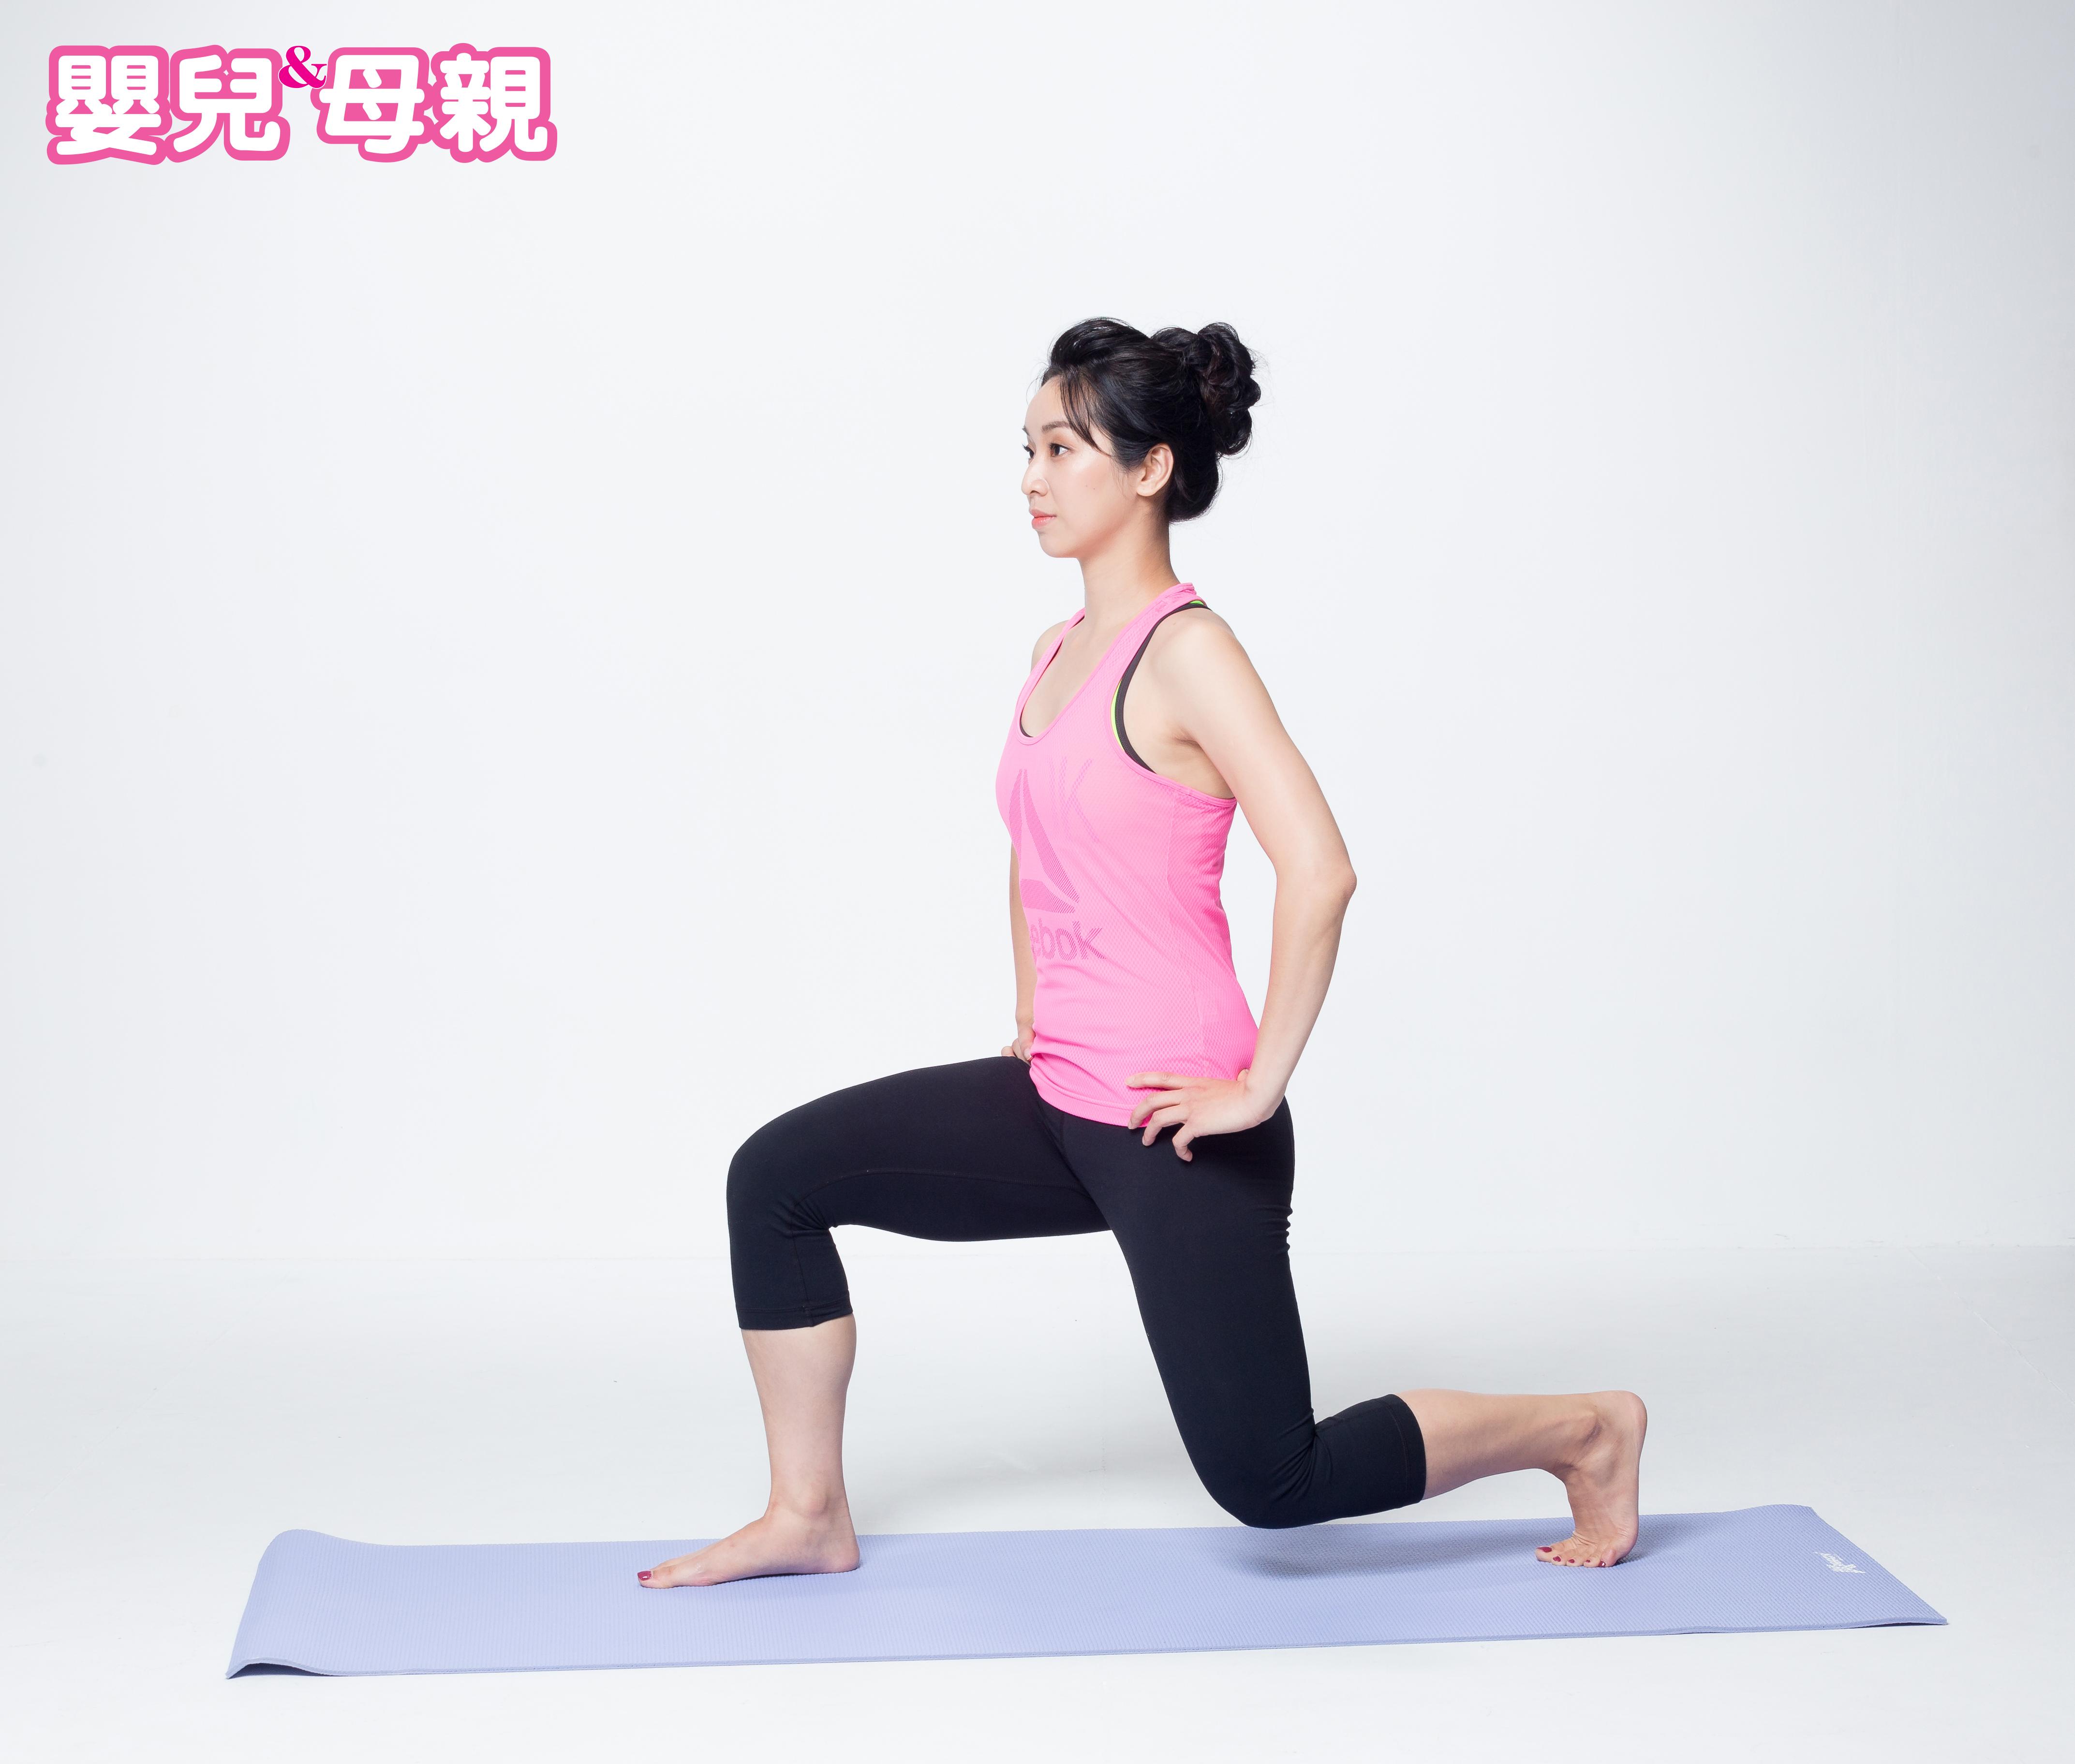 後腳膝蓋離開地面約10公分的位置,膝蓋與踝關節呈現90度,後腳跟自頭到尾都離地。(回到單膝高跪姿蹲)